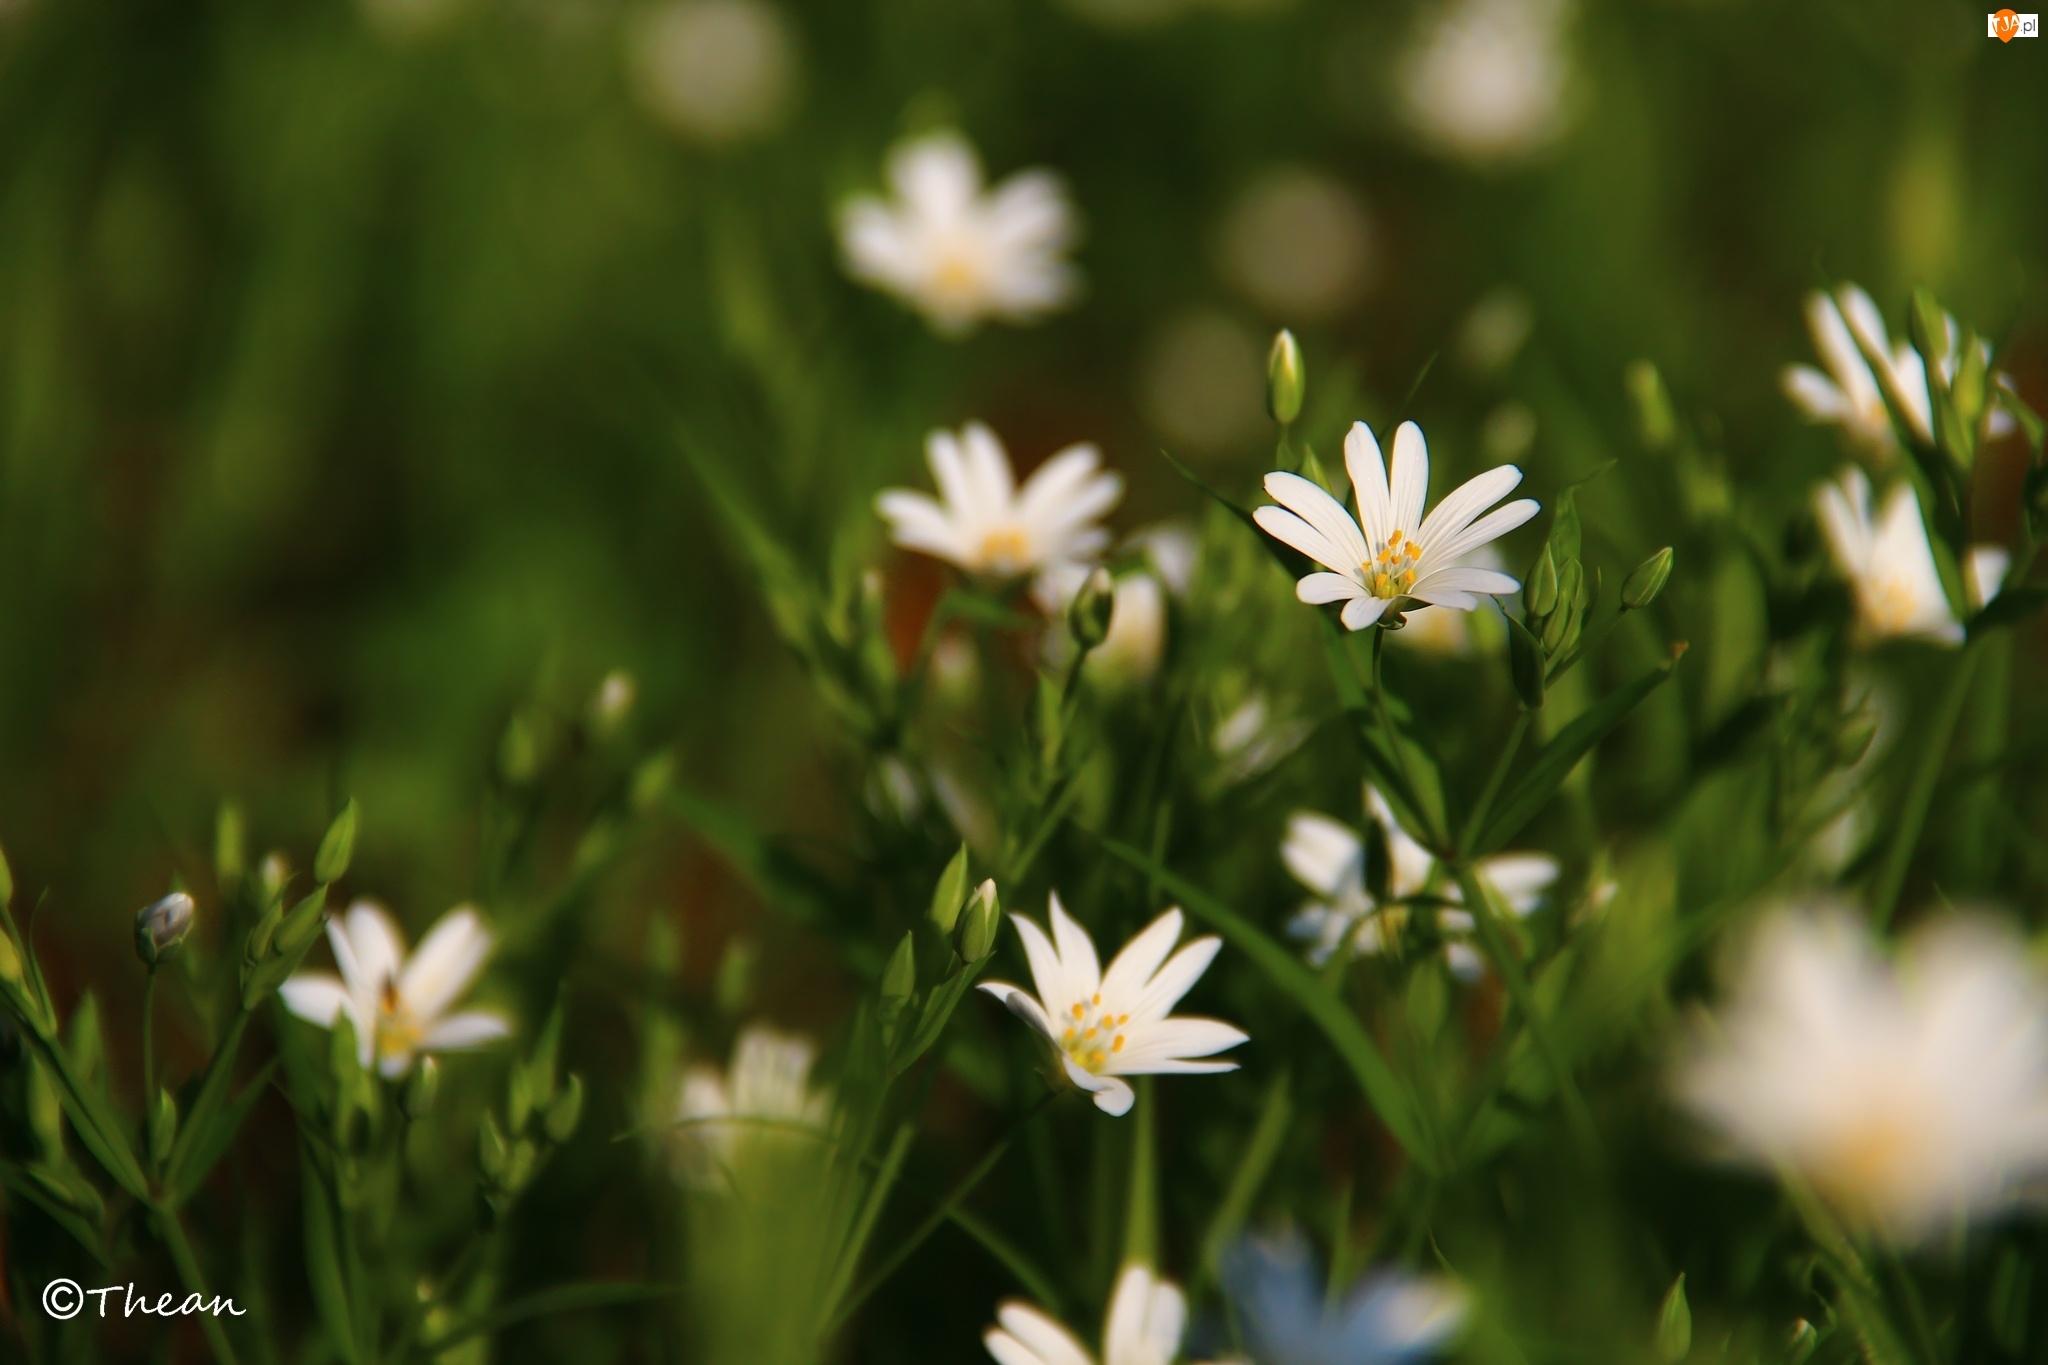 Kwiaty, Rogownica, Białe